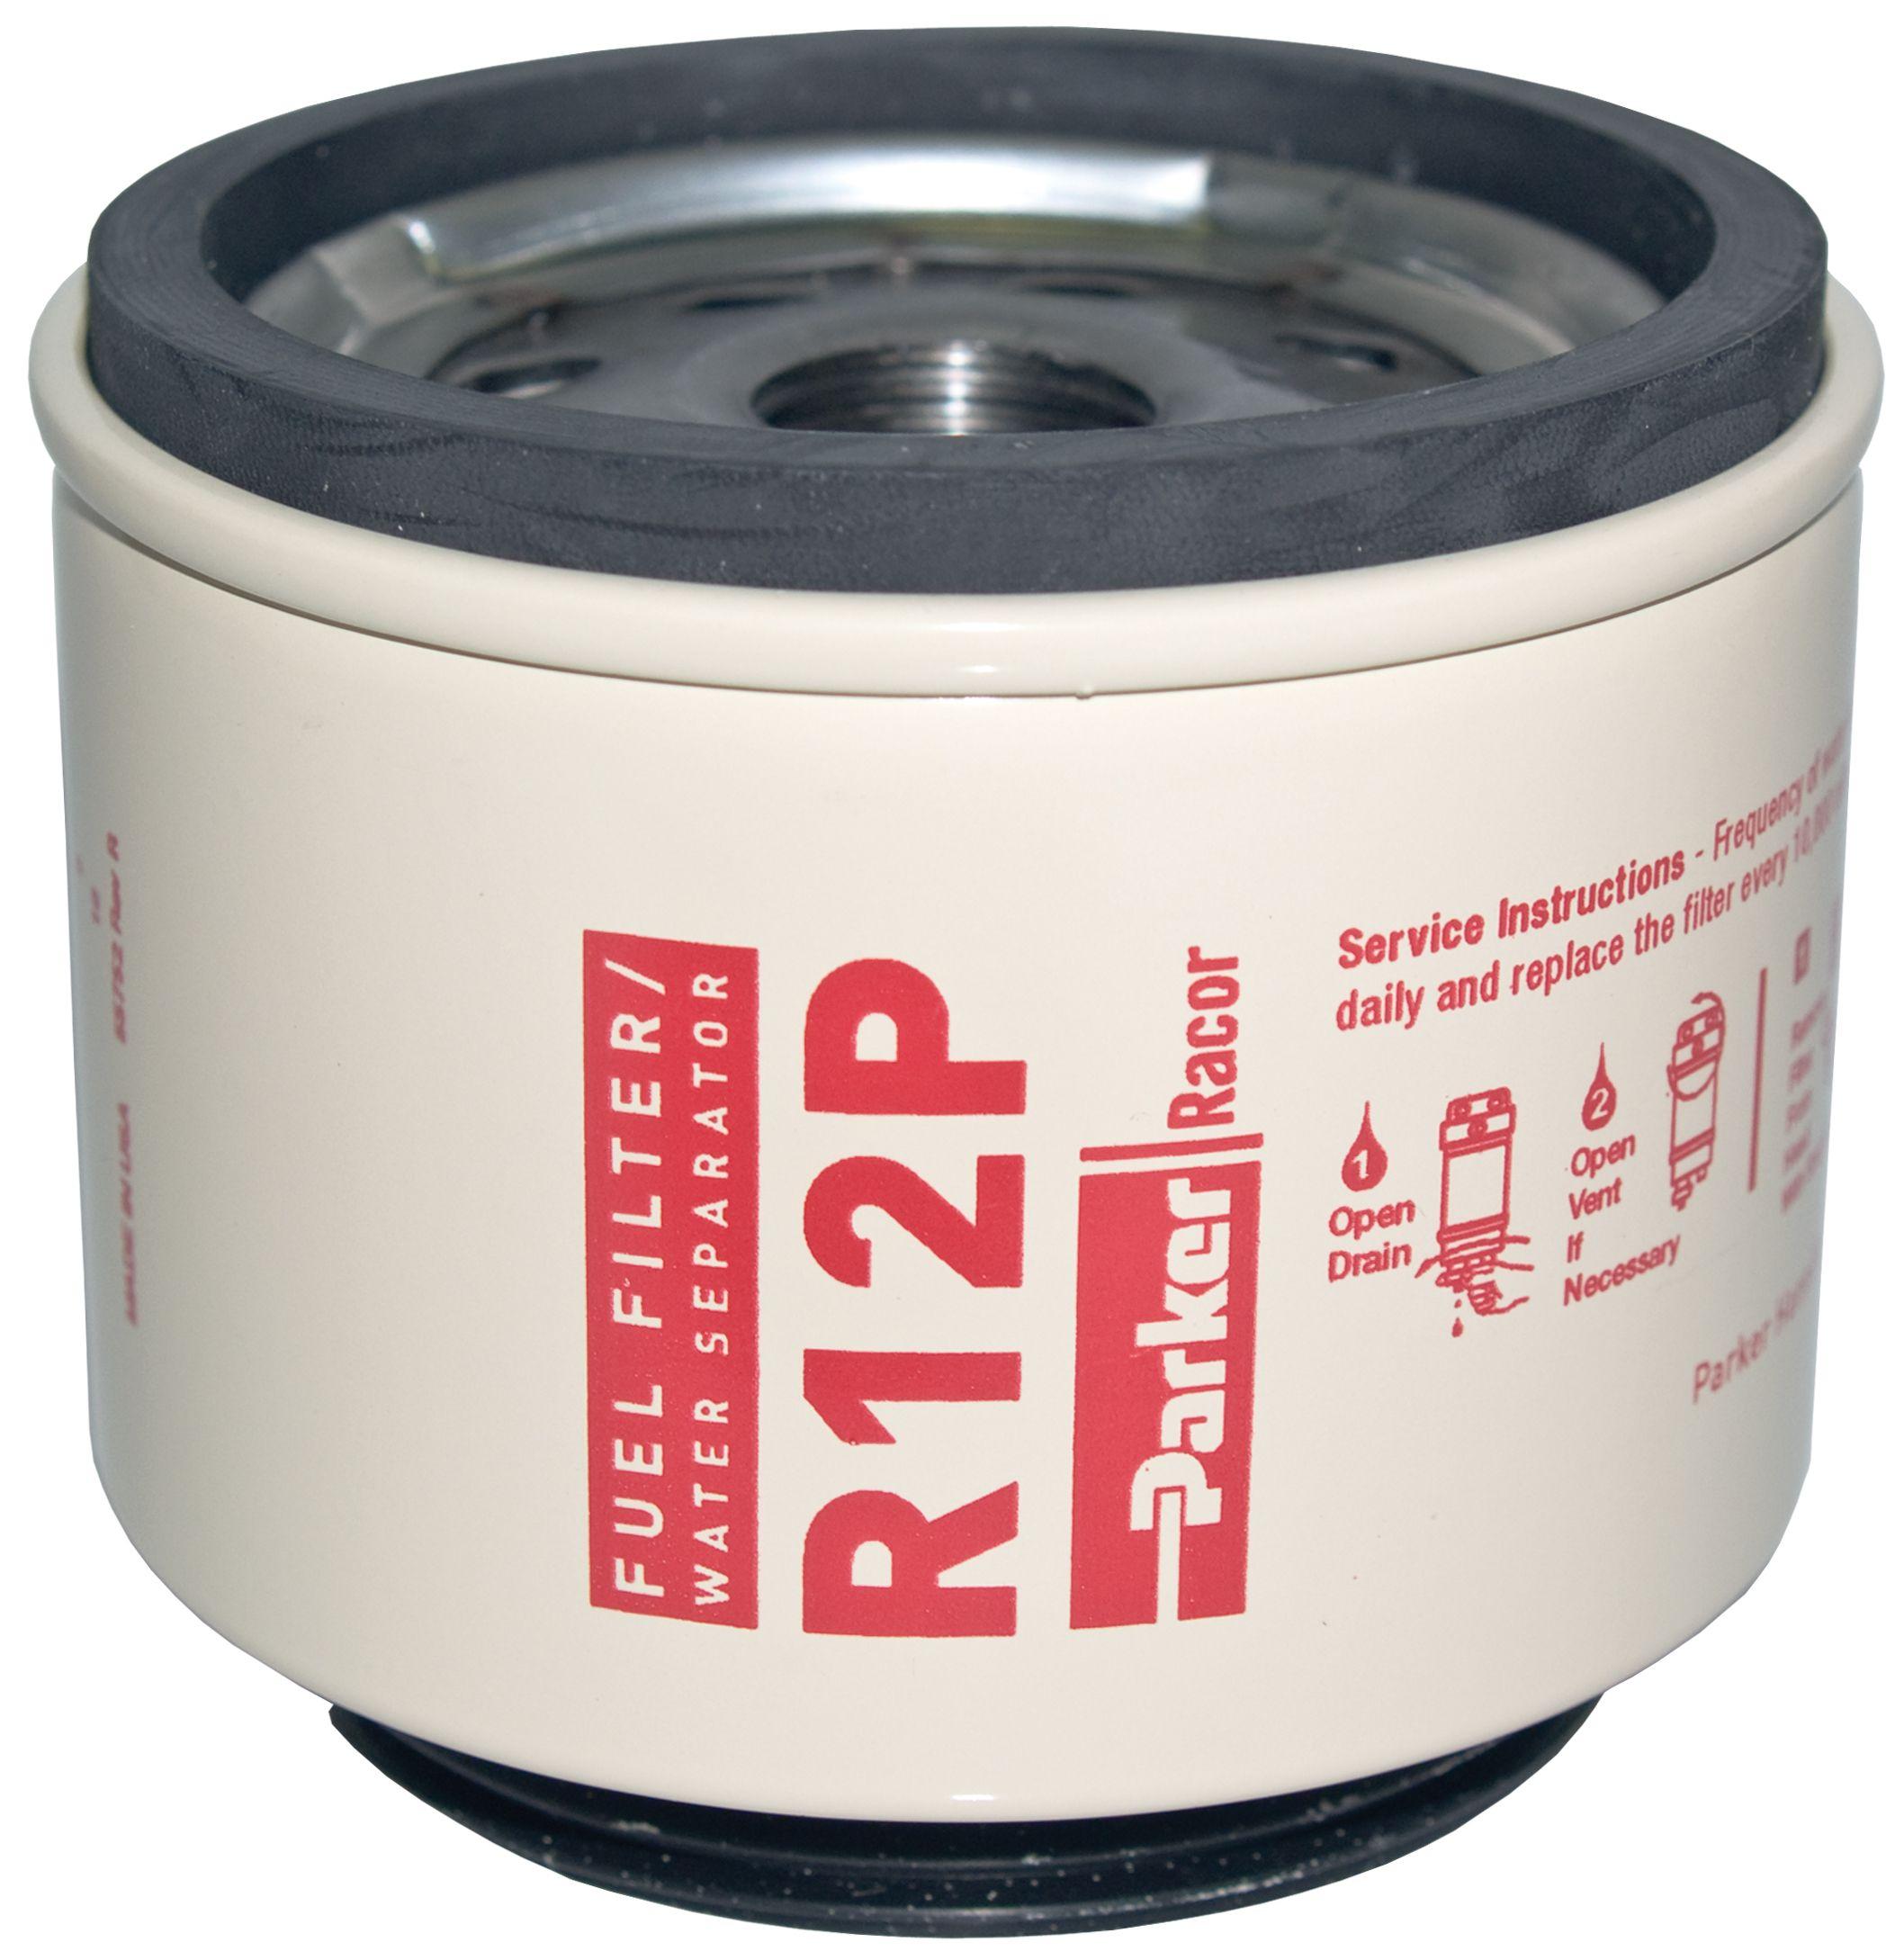 Racor dieselfilter